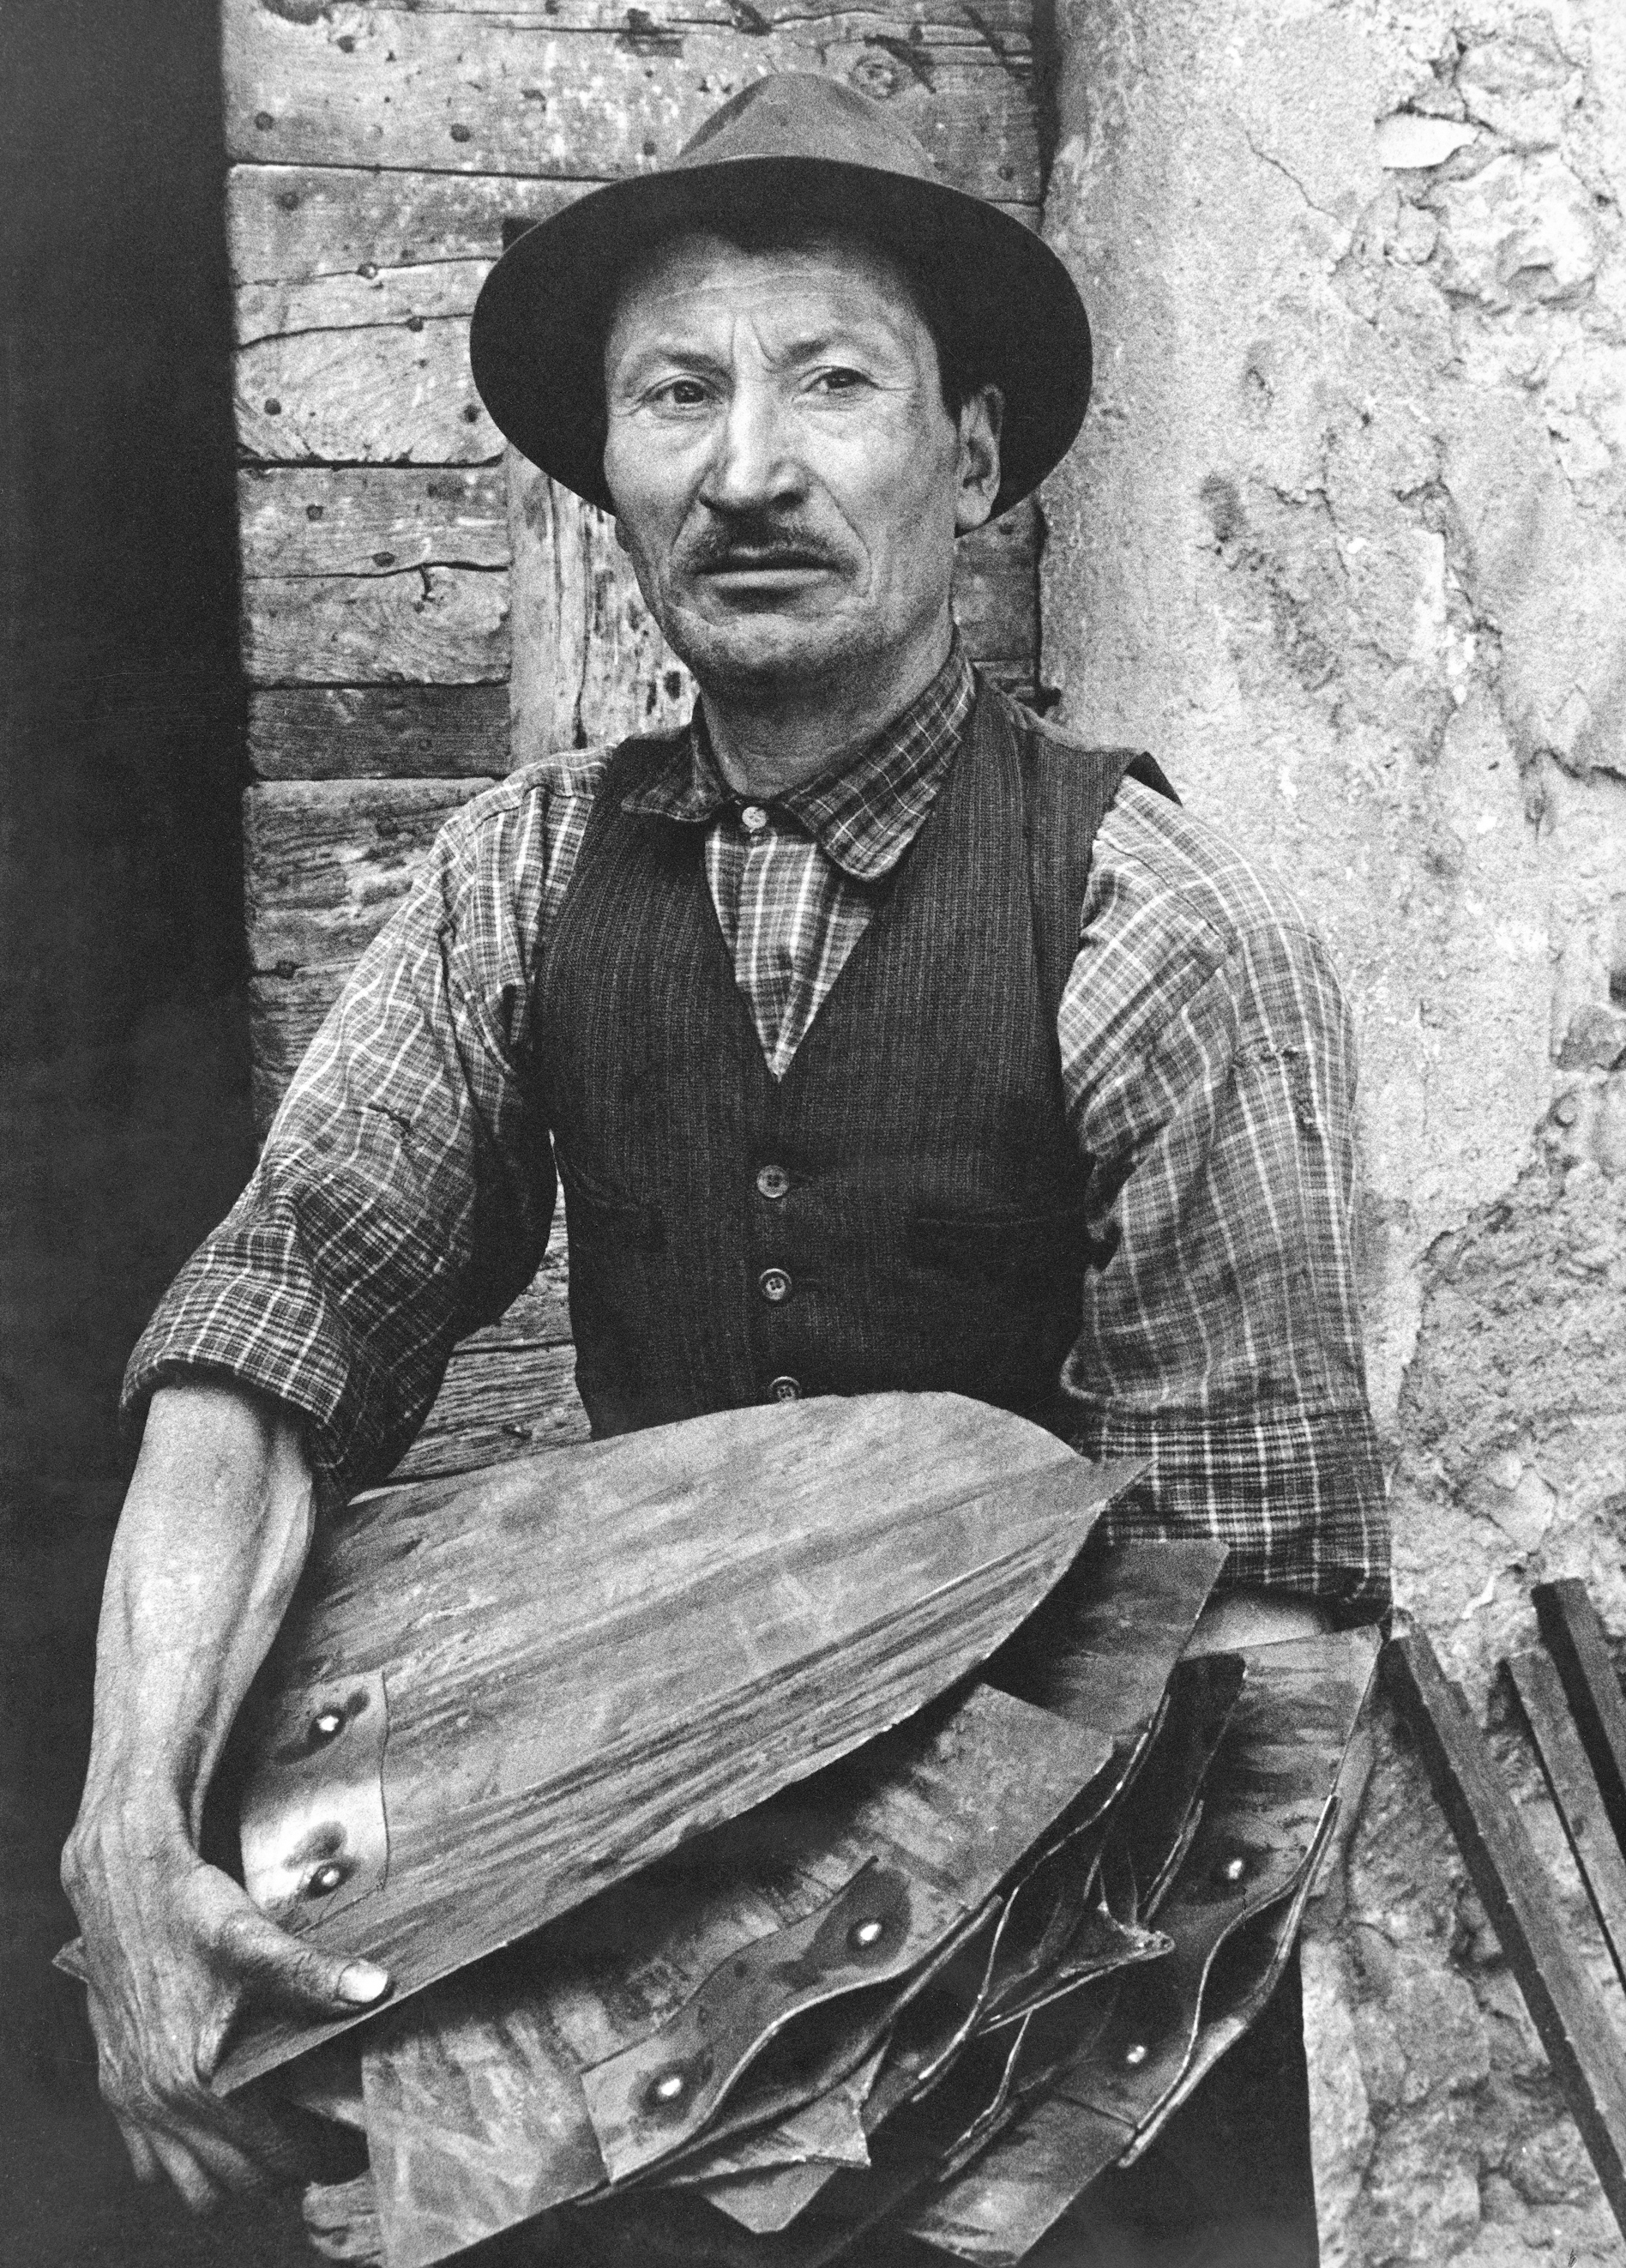 il maglio di Clanezzo, 1965 (Pepi Merisio)